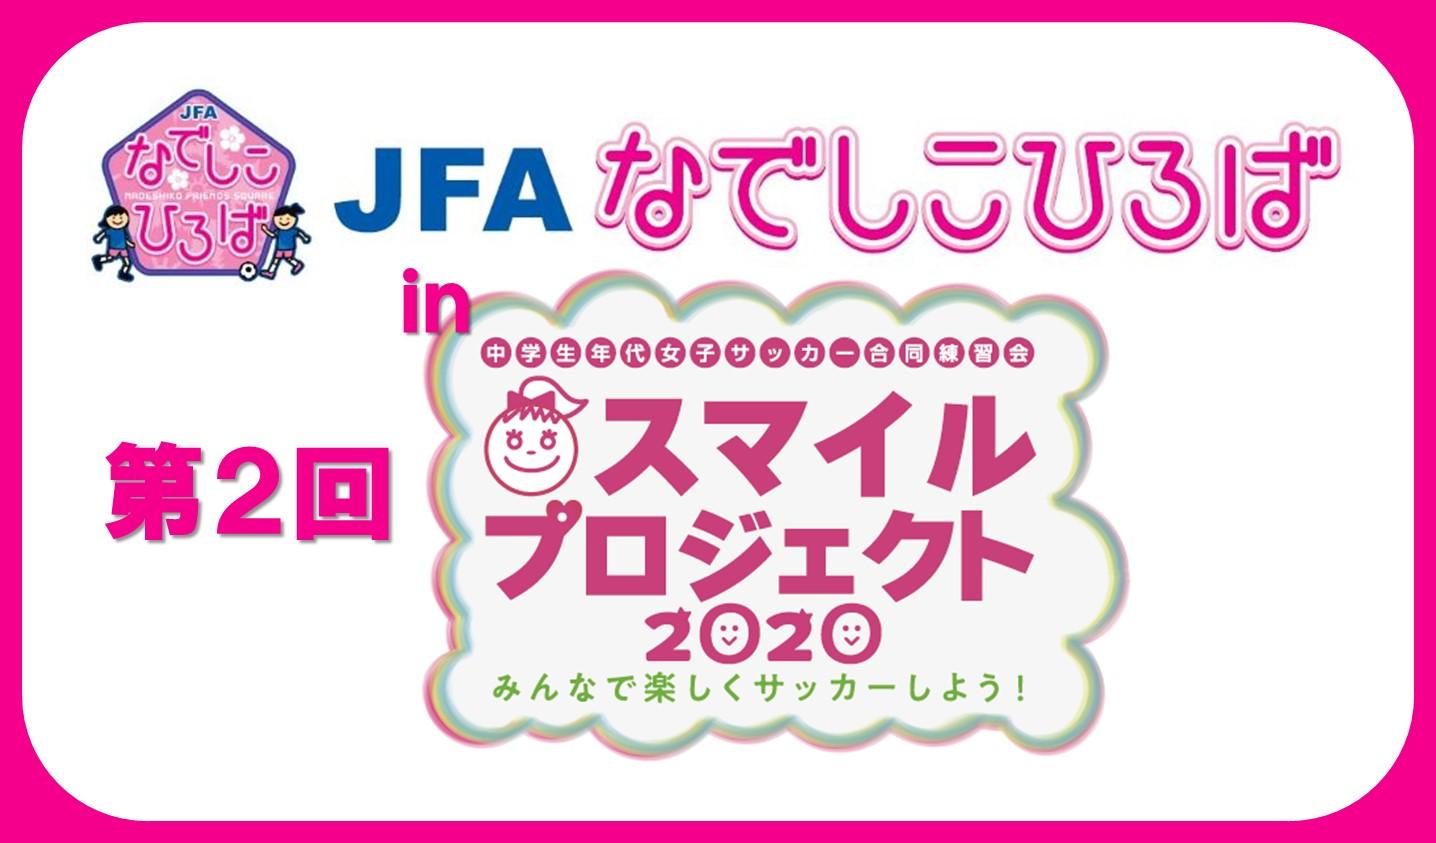 【8/1参加者募集】JFAなでしこひろば in 第2回スマイルプロジェクト2020